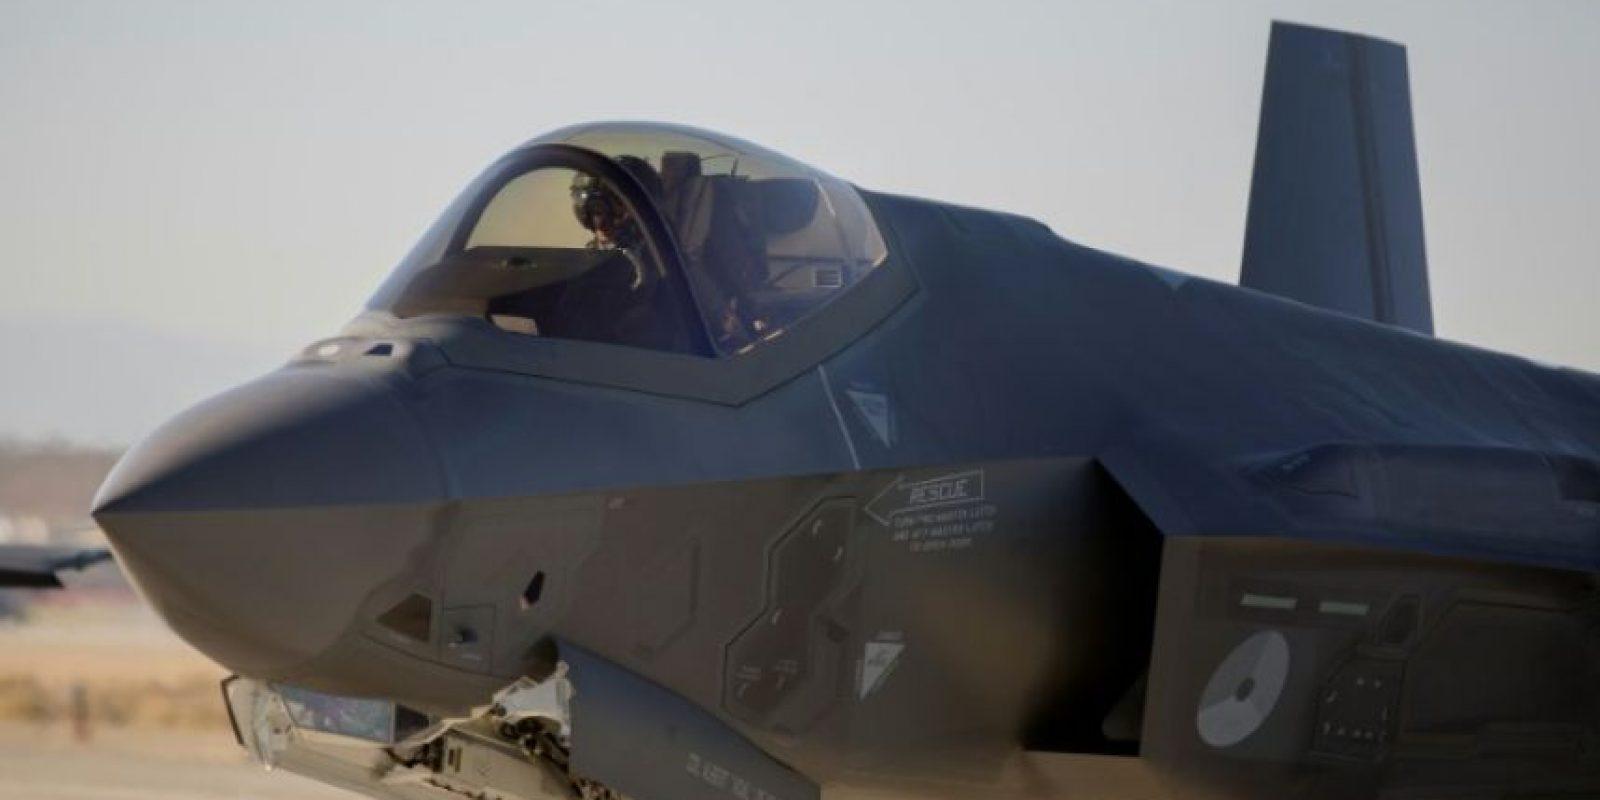 Un caza holandés modelo F-35 Lightning II, del gigante aeronáutico Lockheed Martin, despega desde la base aérea Edwards en California, el 24 de noviembre de 2015 Foto:David McNew/afp.com